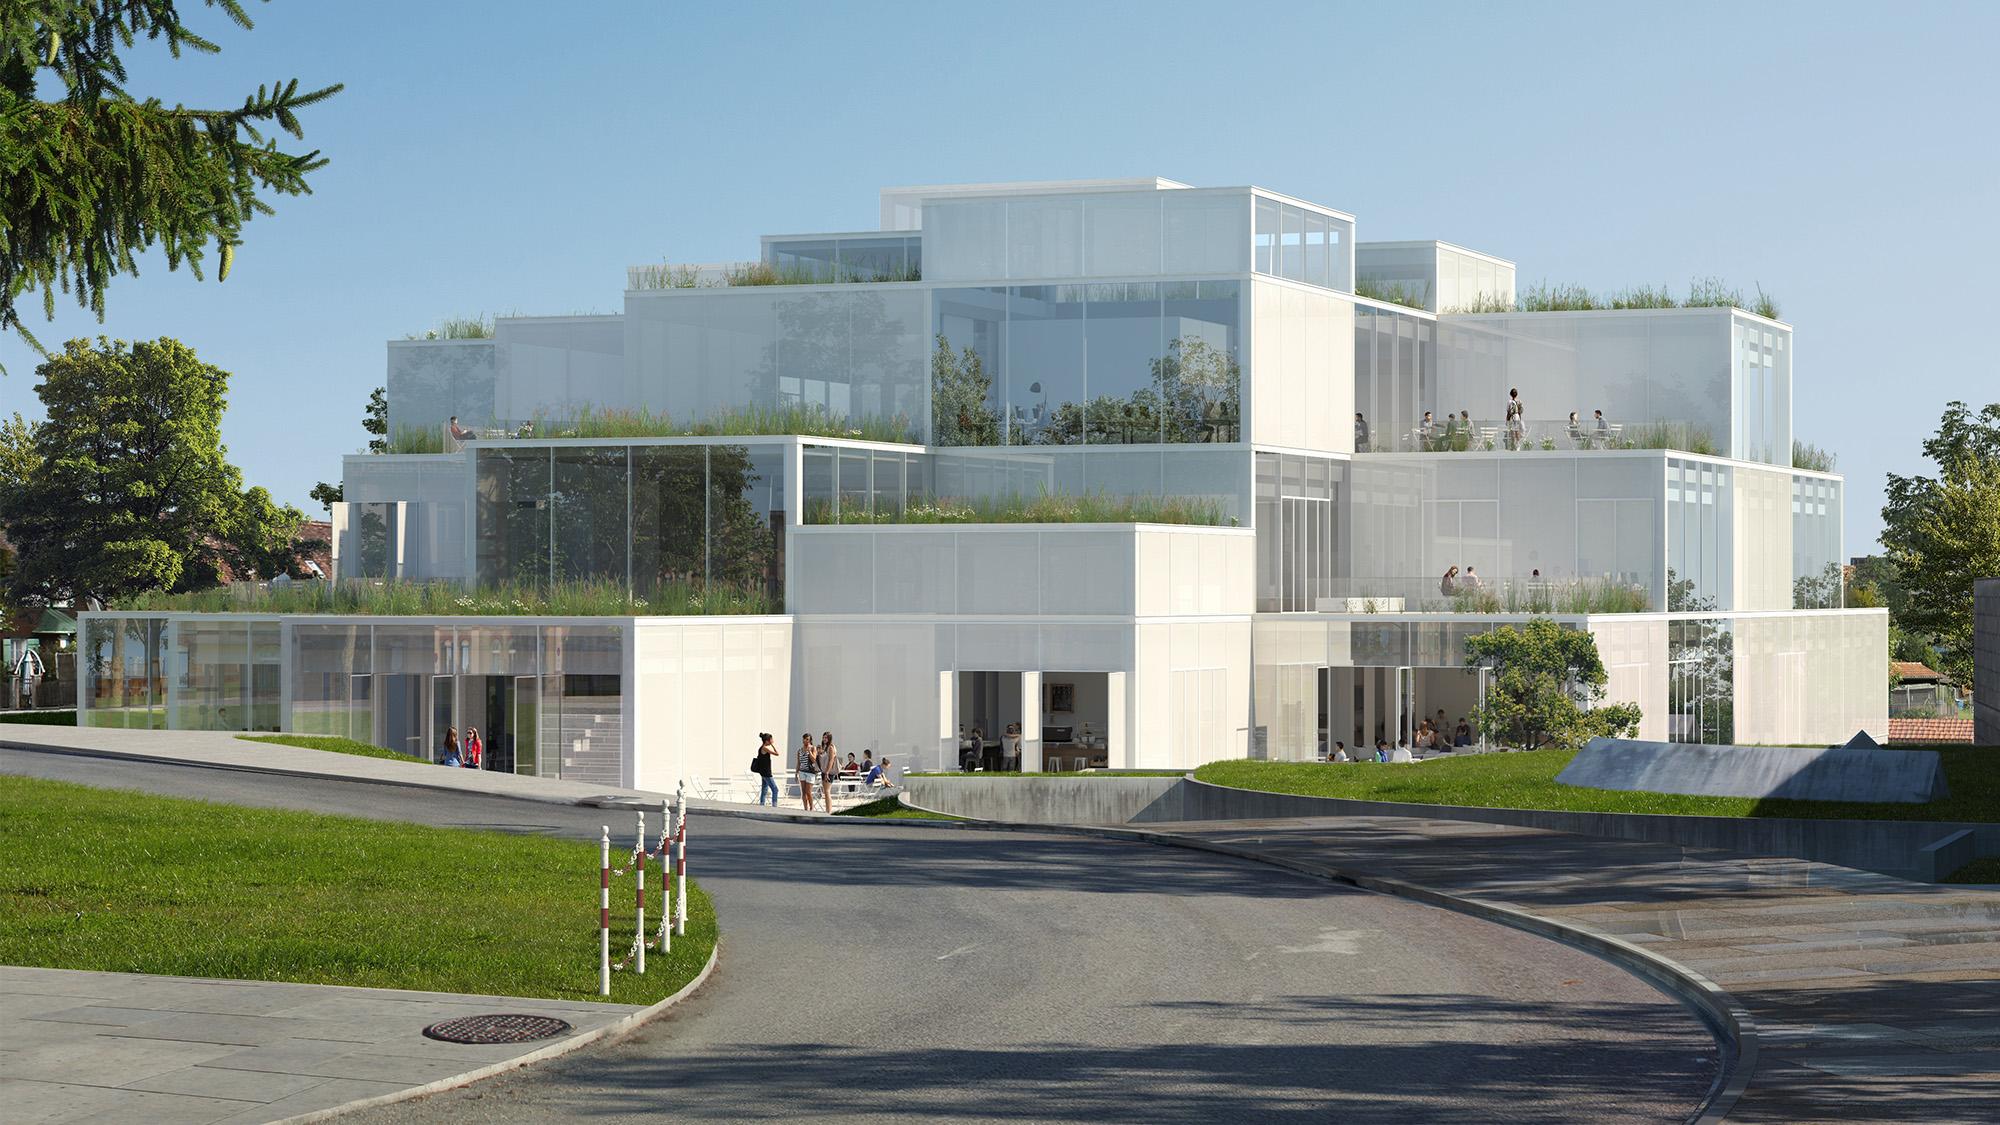 Modell HSG Learning Center